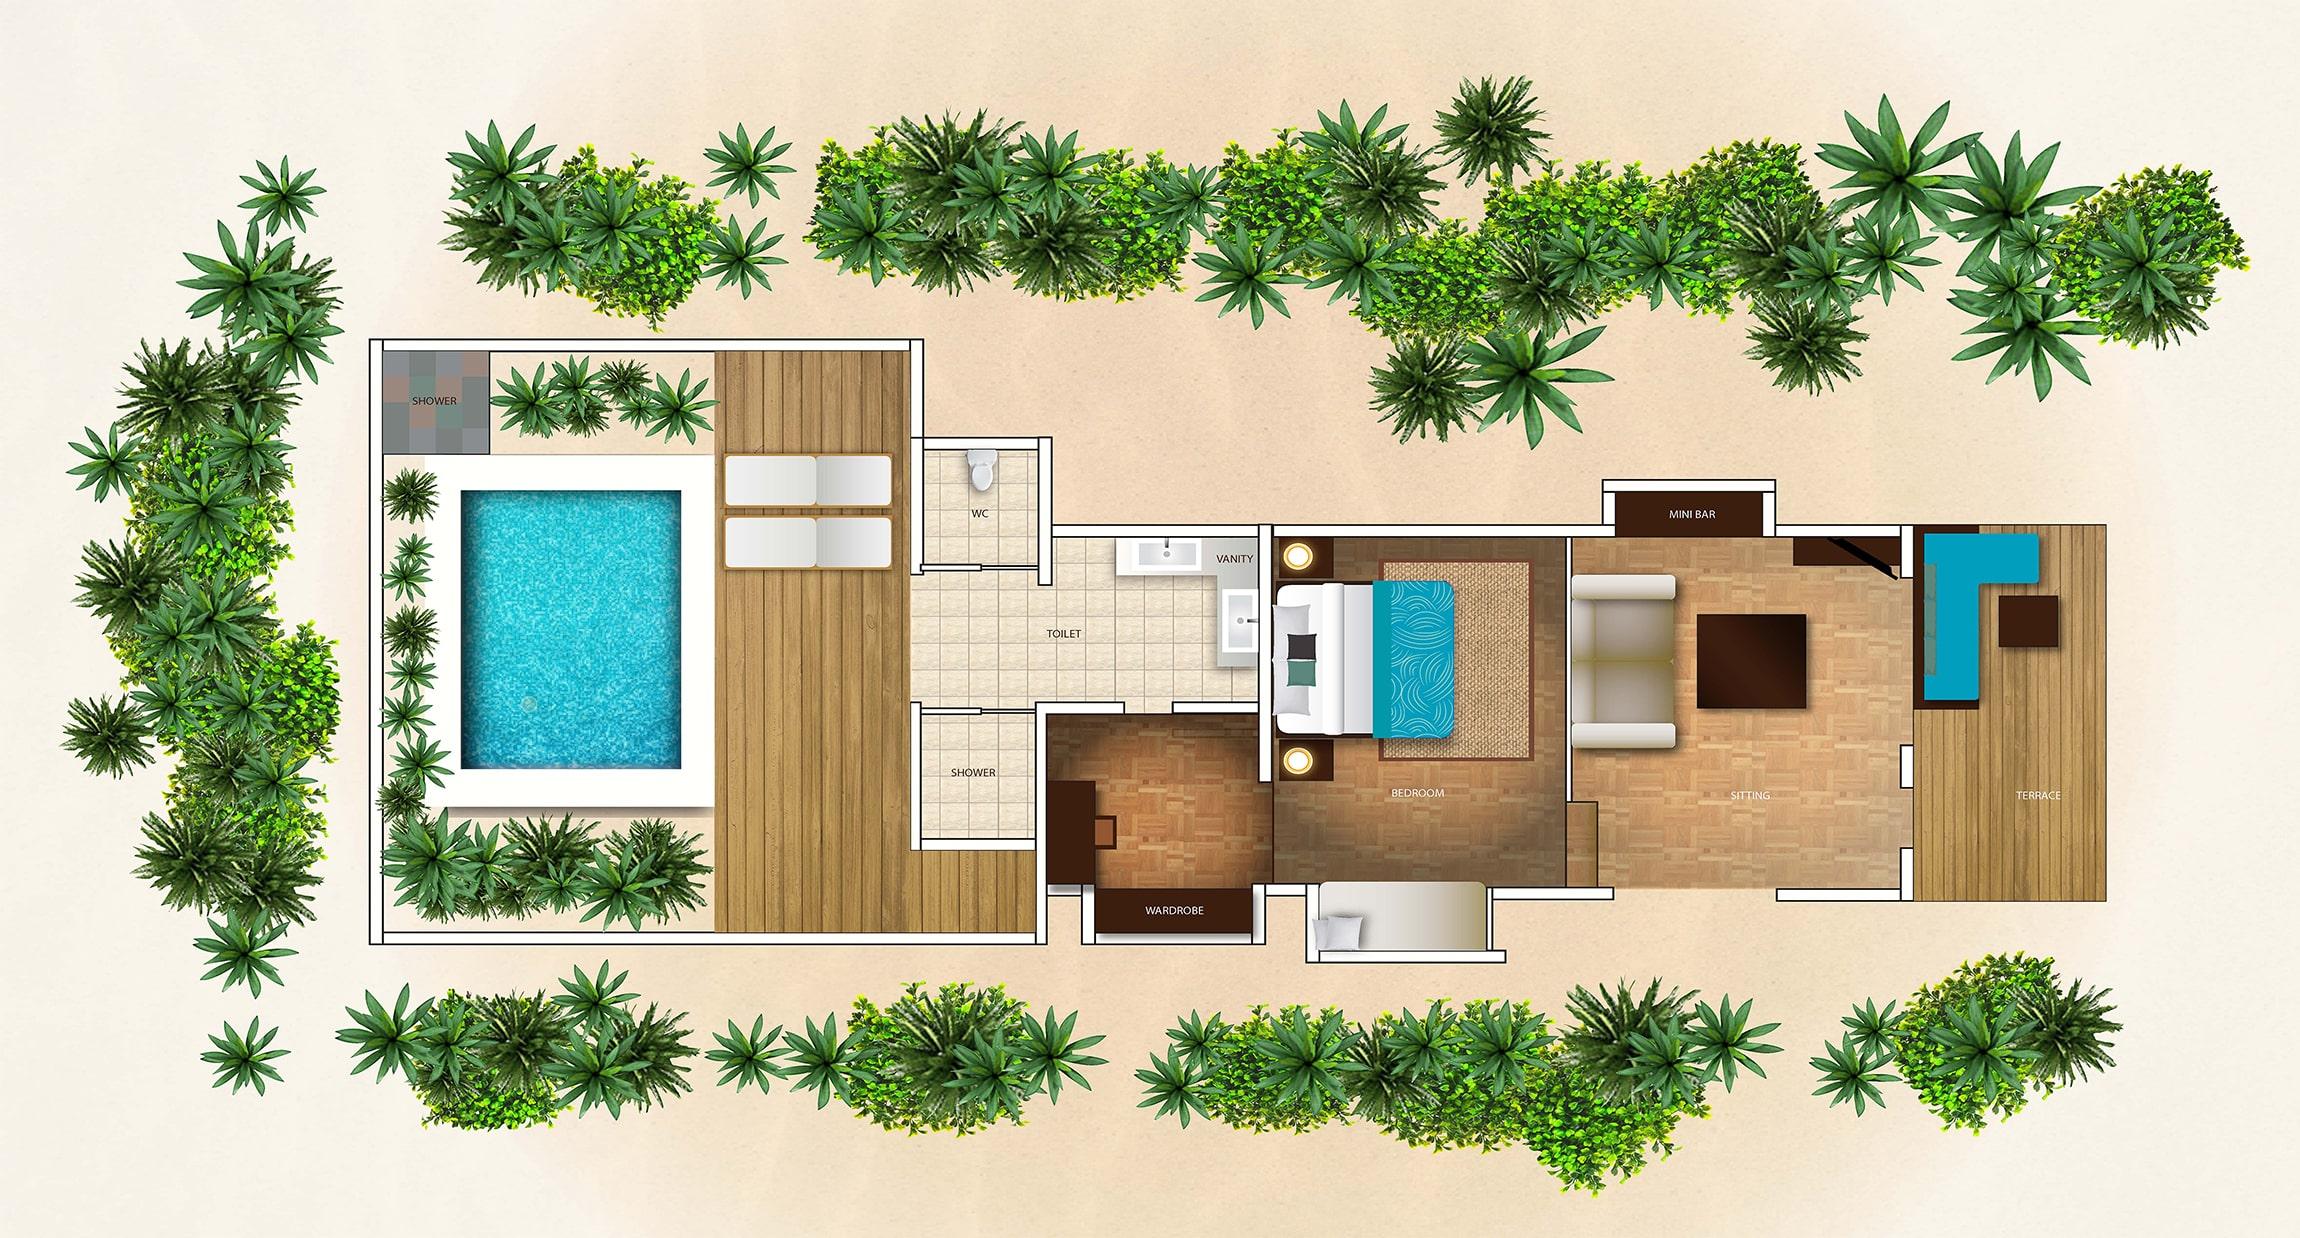 Мальдивы, отель Velassaru Maldives, план-схема номера Deluxe Villa with Pool